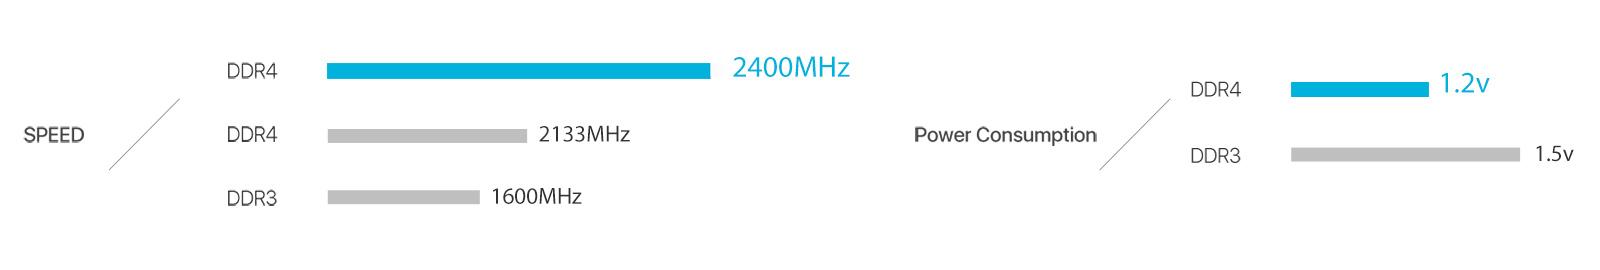 Asus Memory speed diagram